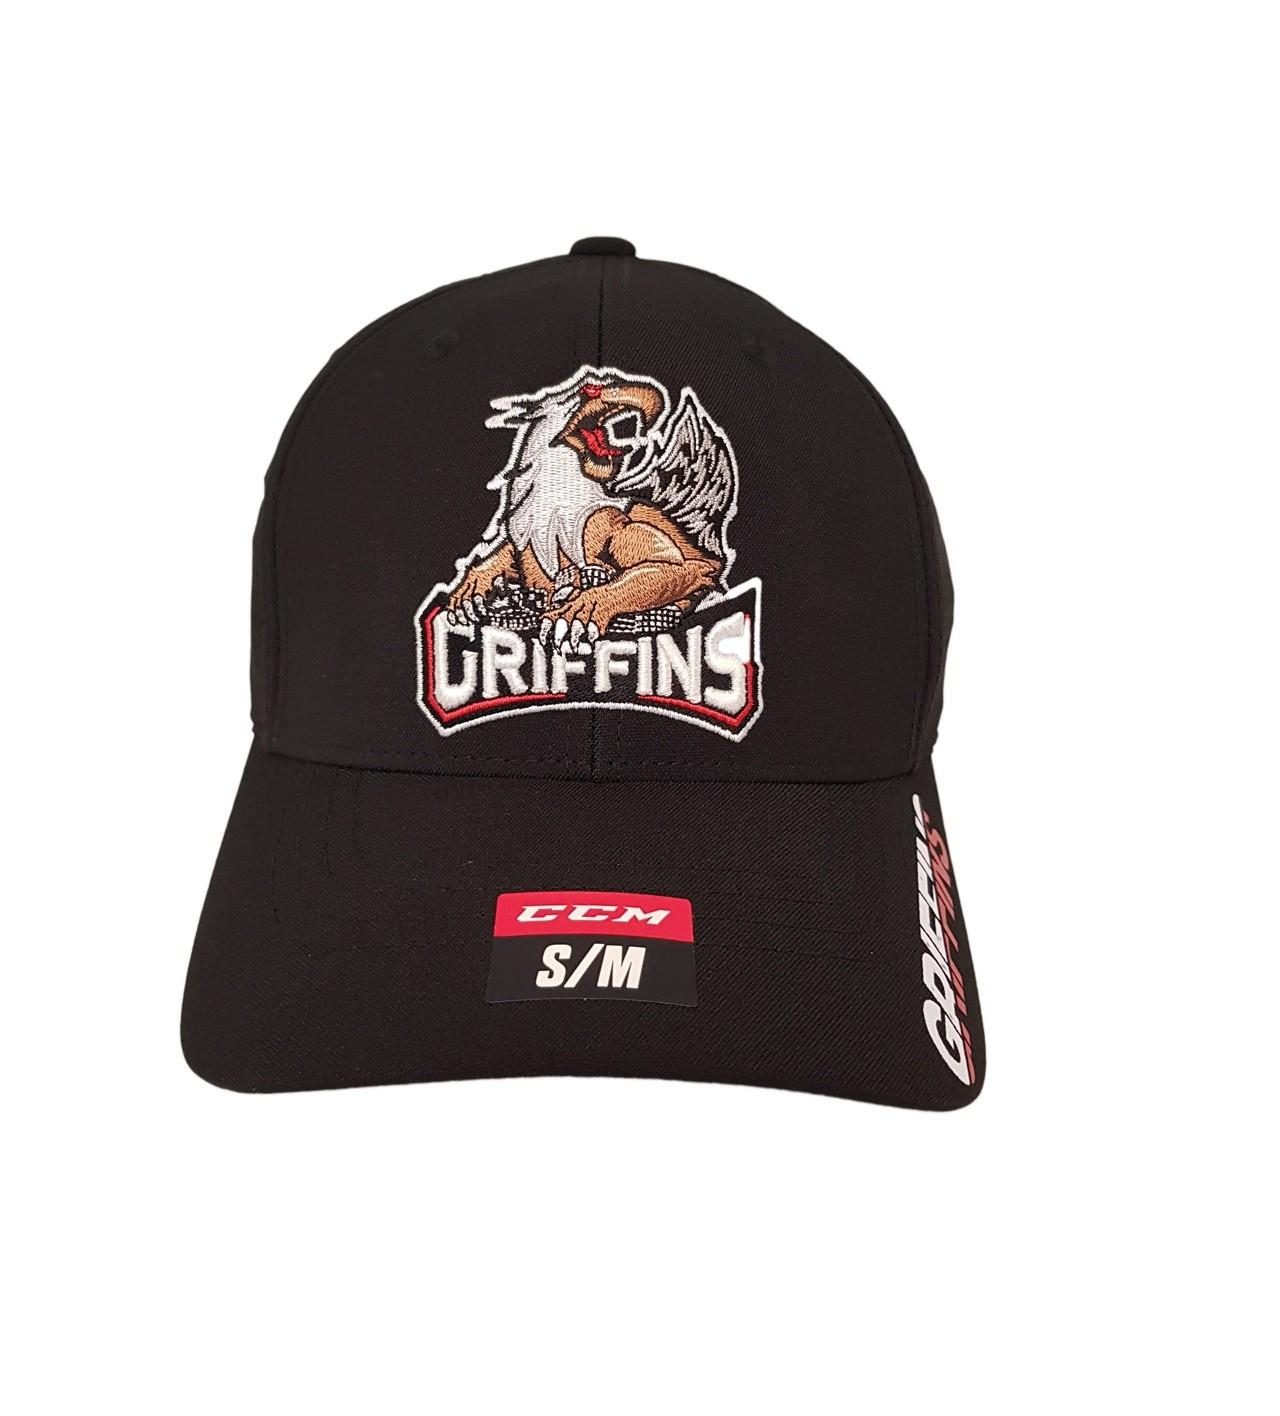 CCM Griffins Adult Flex Fit Cap